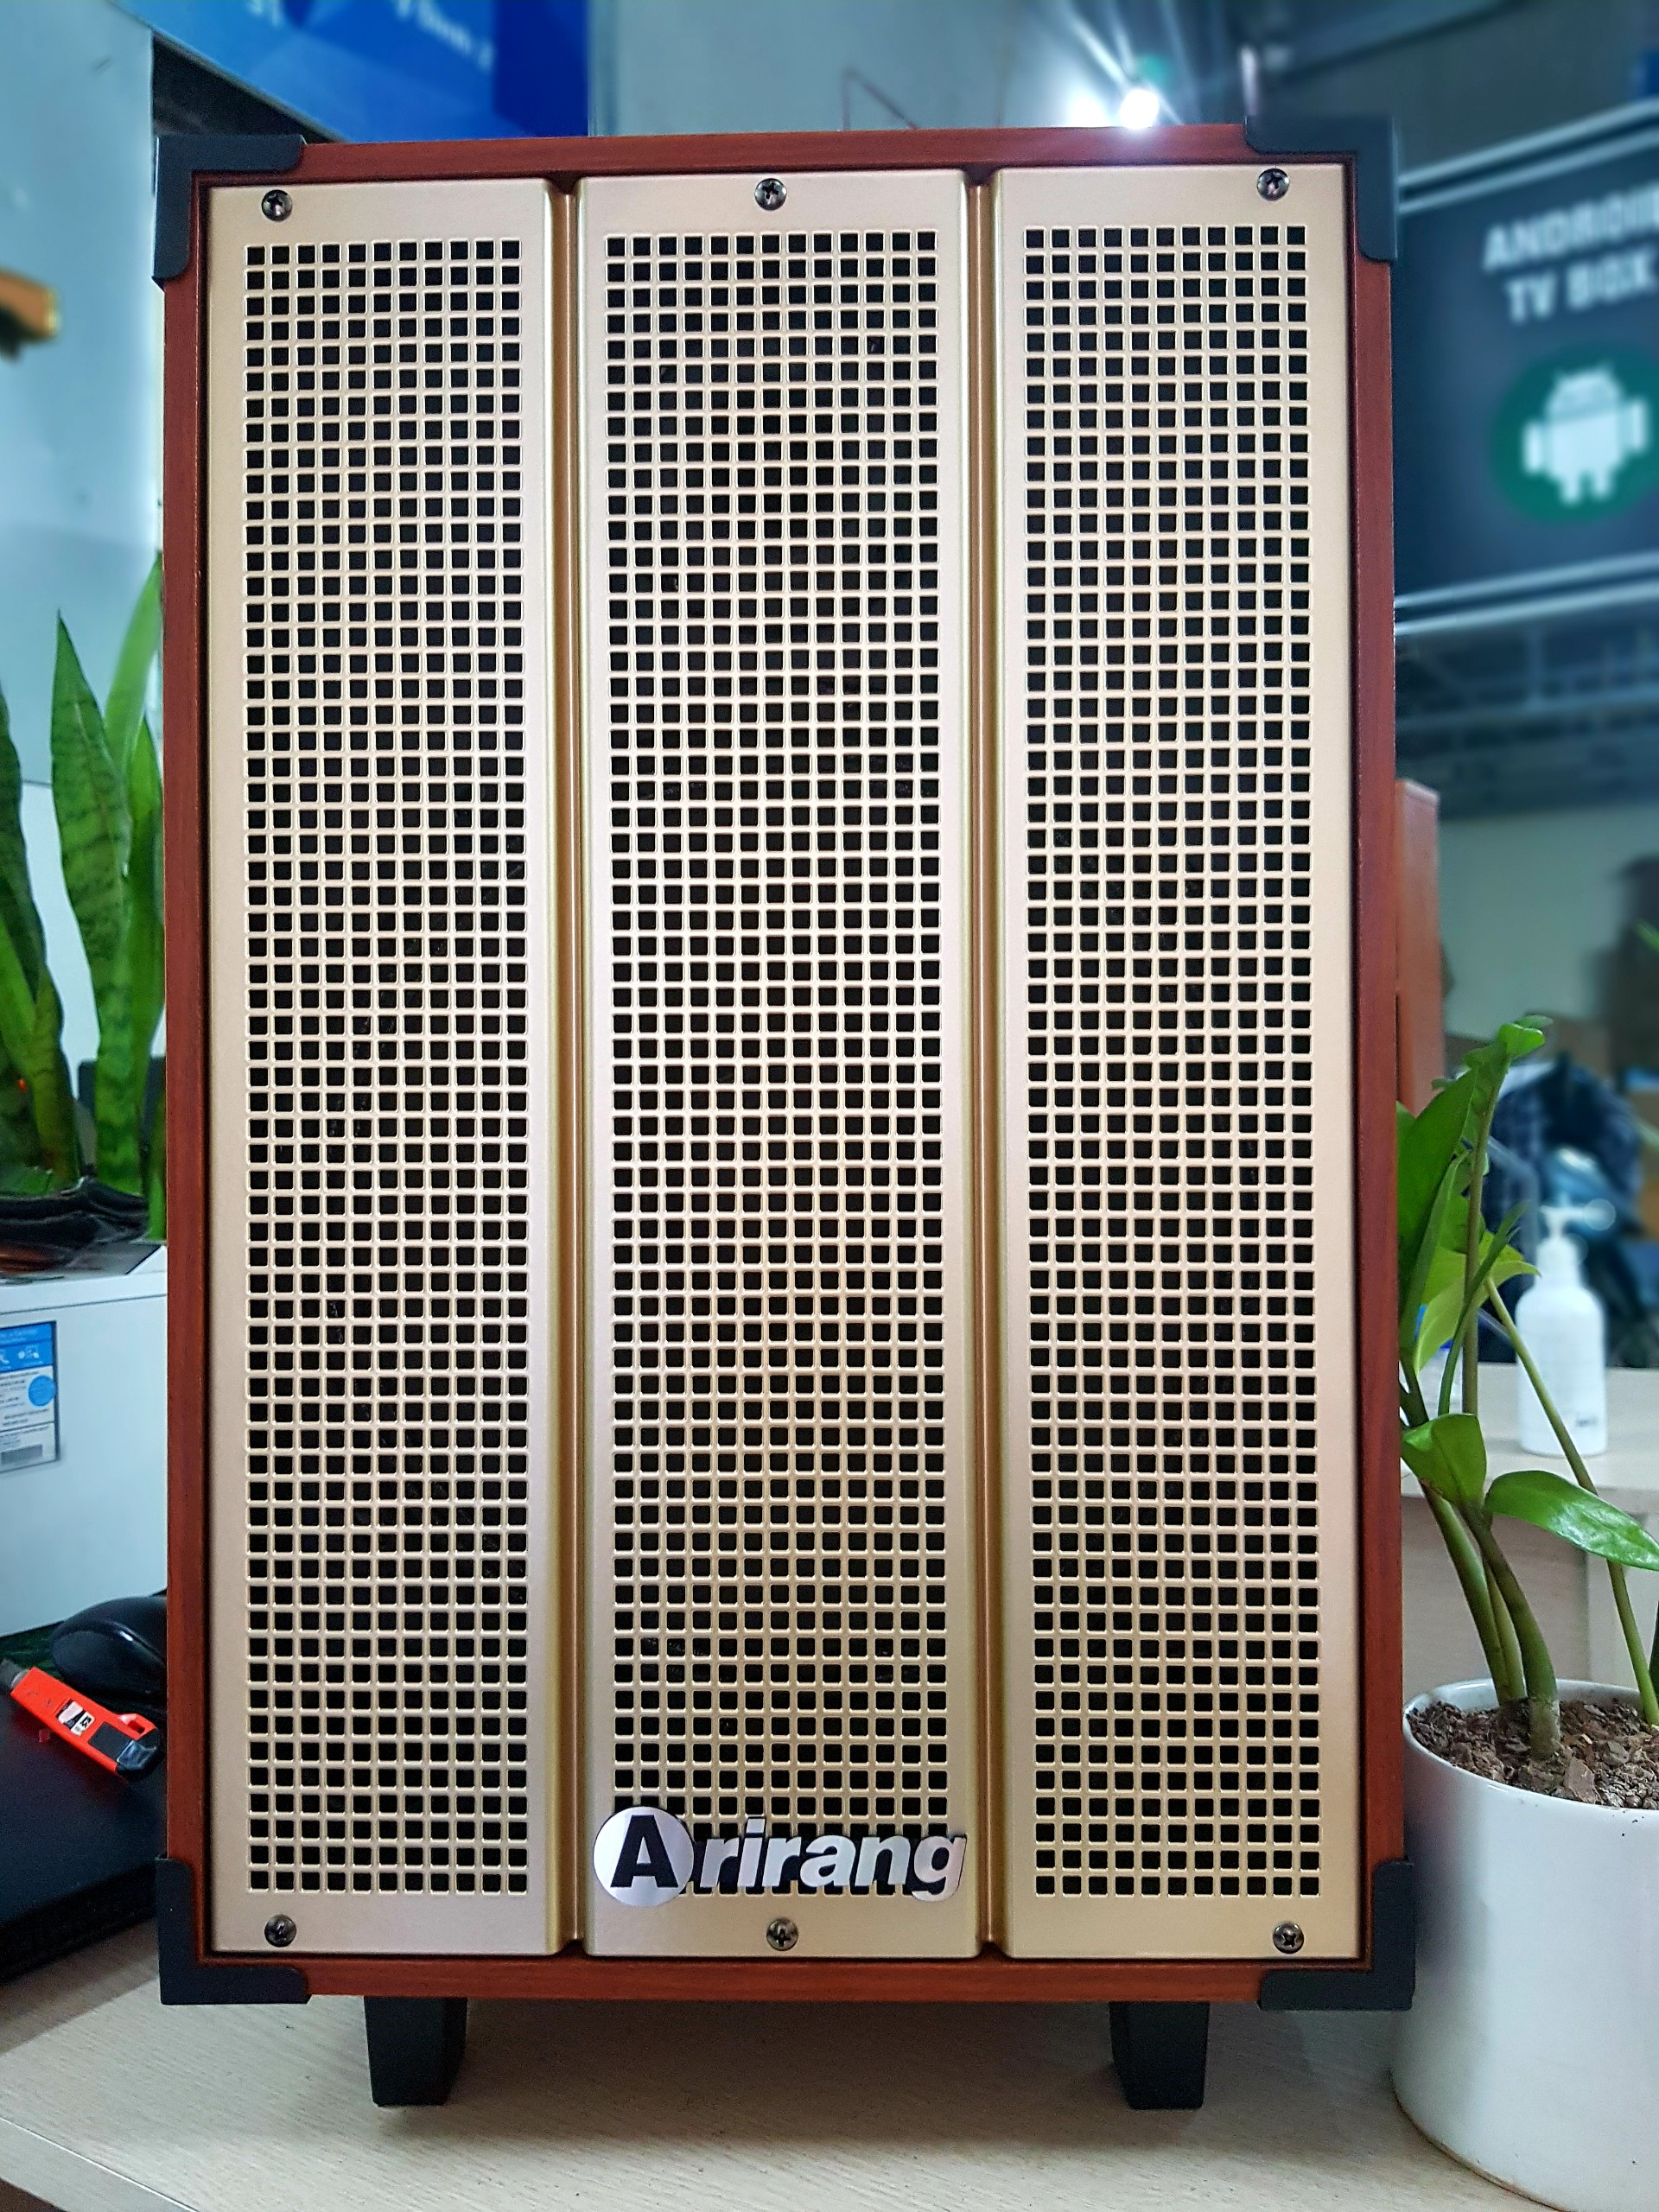 Bộ Loa Kéo di động karaoke Arirang MKS1 Kèm 02 Micro + Bộ sạc pin, Pin sạc- SẢN PHẨM CHÍNH HÃNG